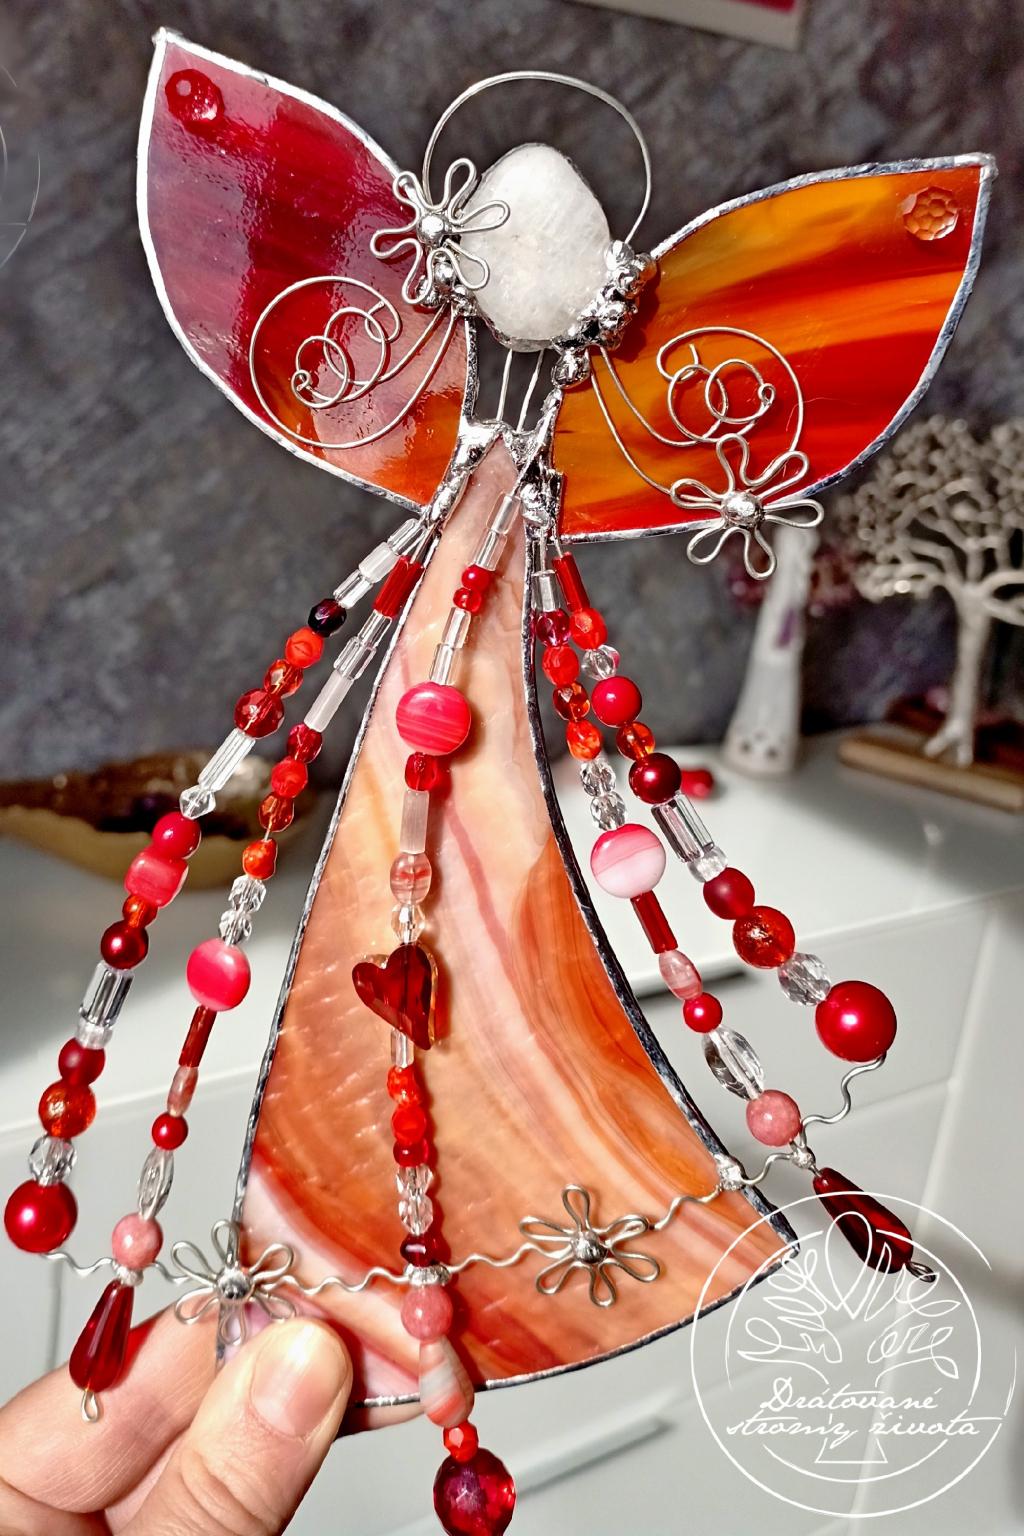 Andělská vitráž - Červánkový čaroděj 20cm